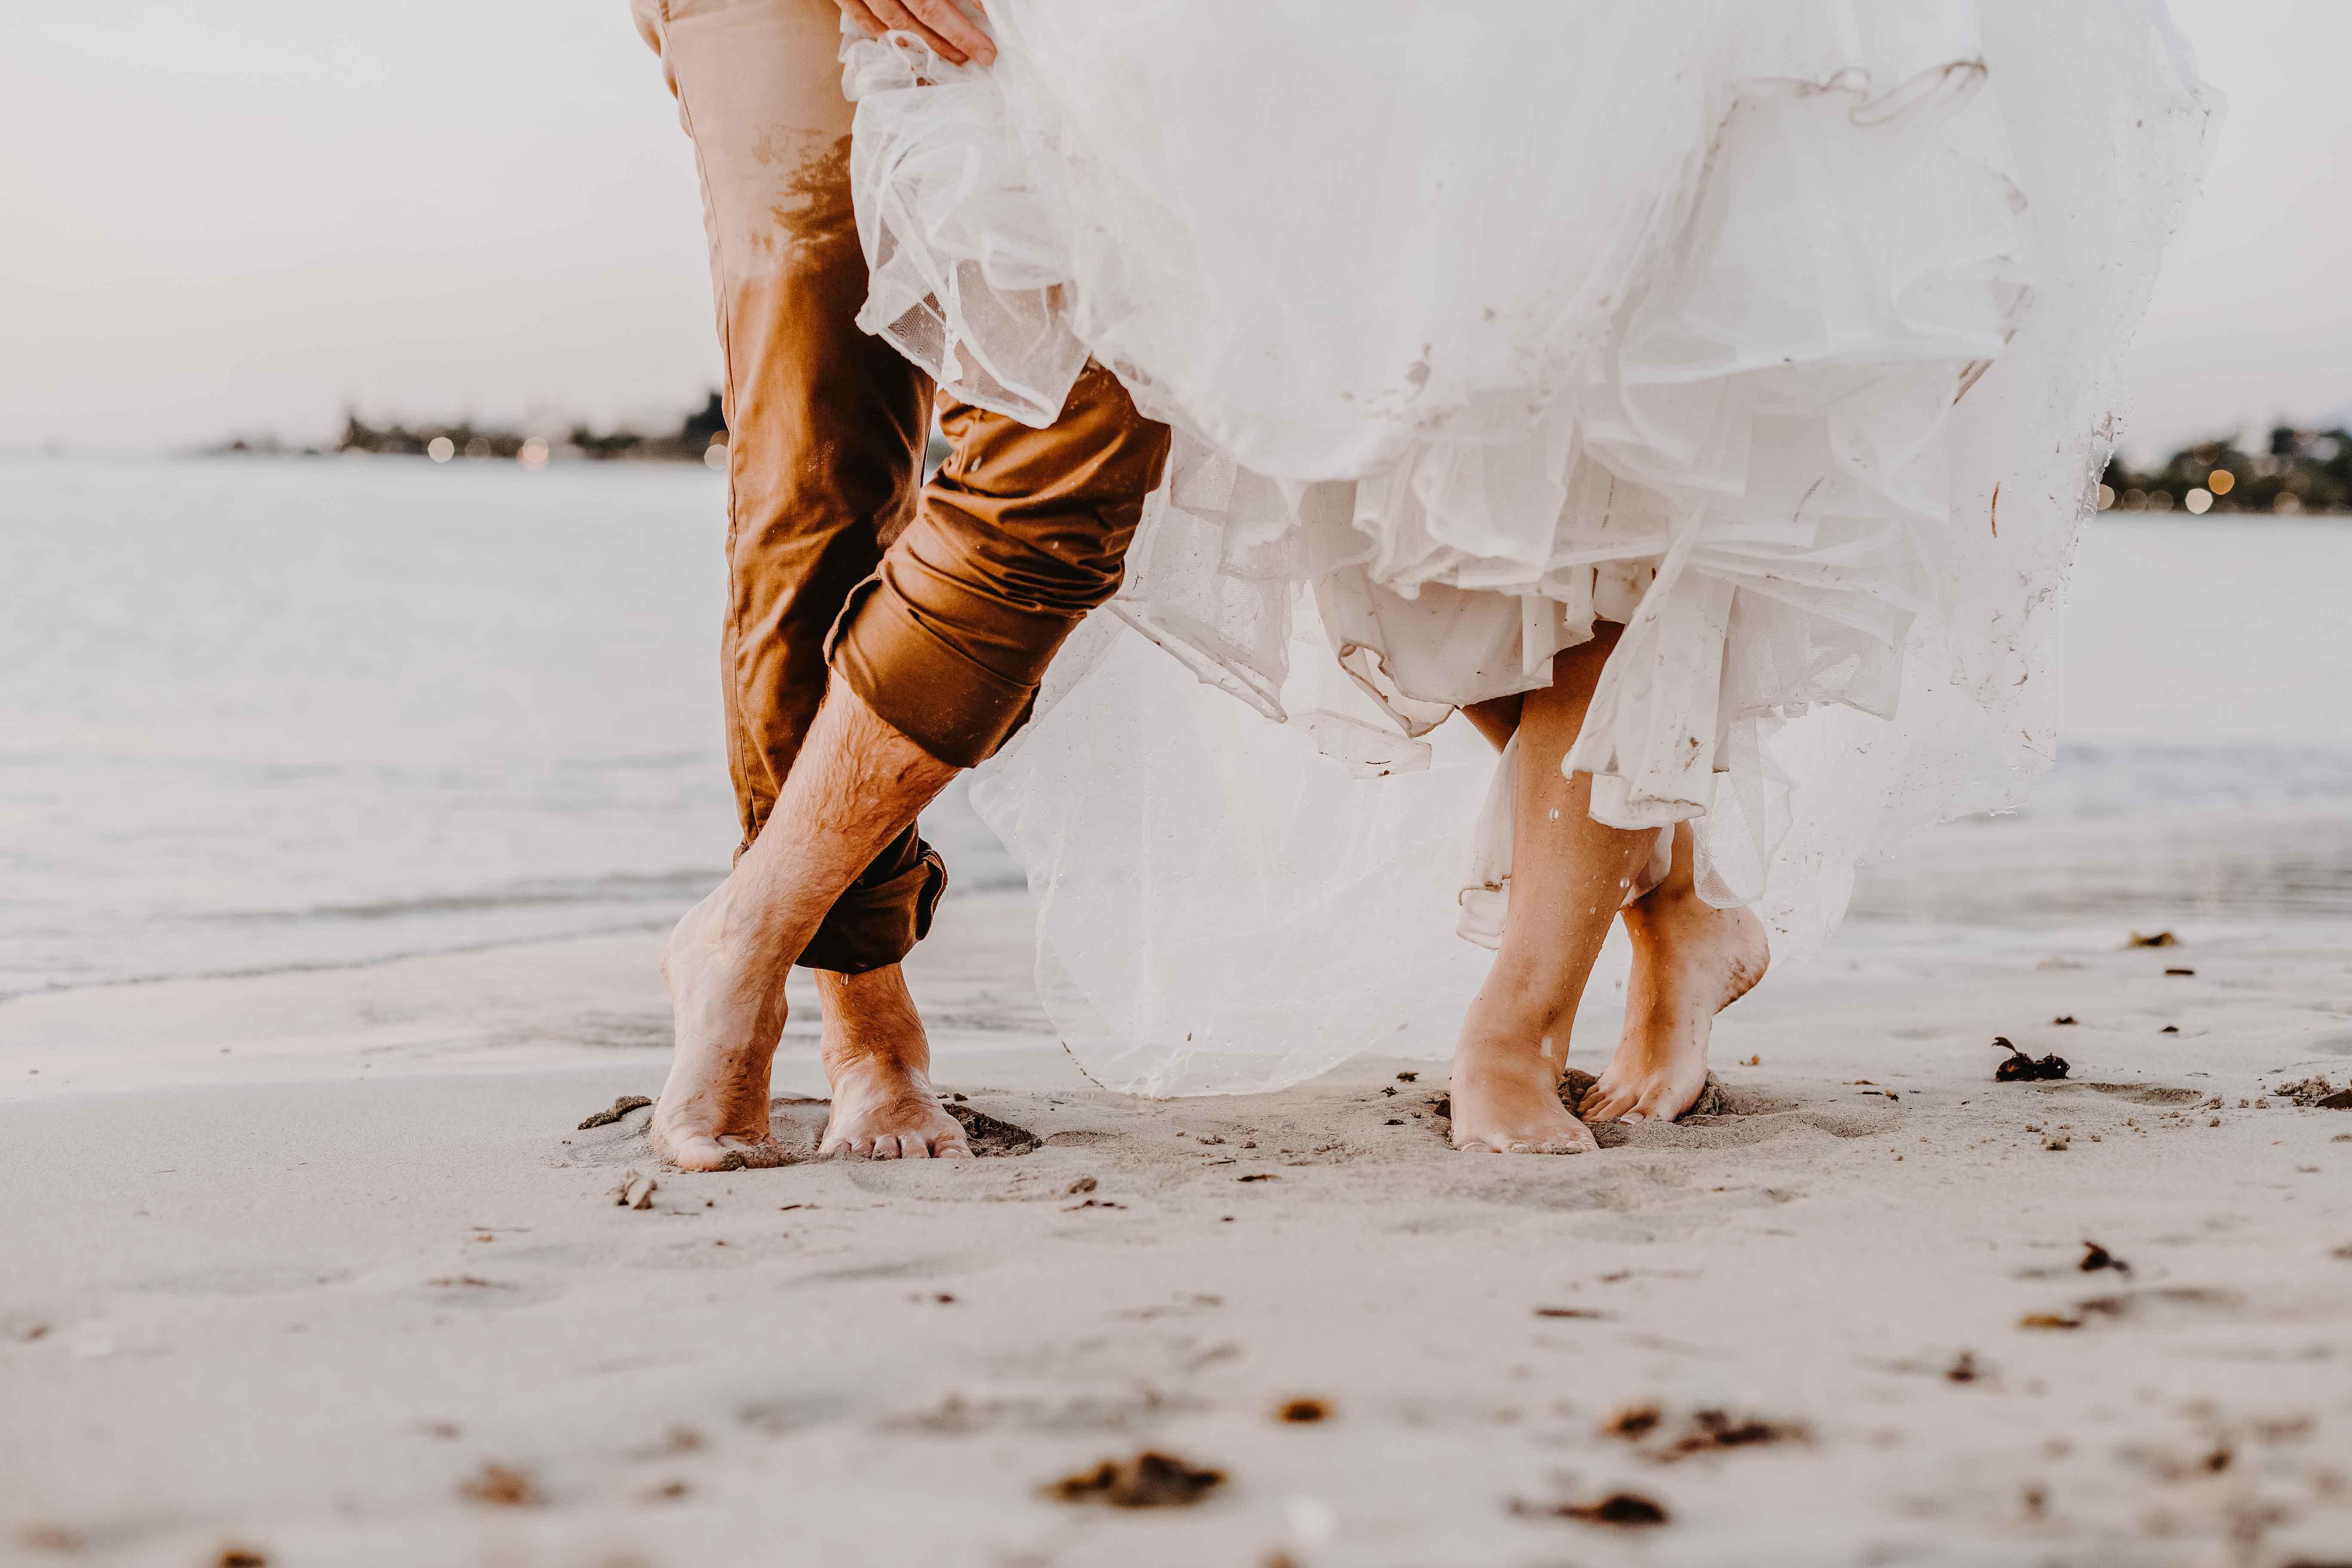 séance photo crash the dress dans la mer mariage . détail des pieds des mariés dans le sable, la robe et le costume sont mouillés